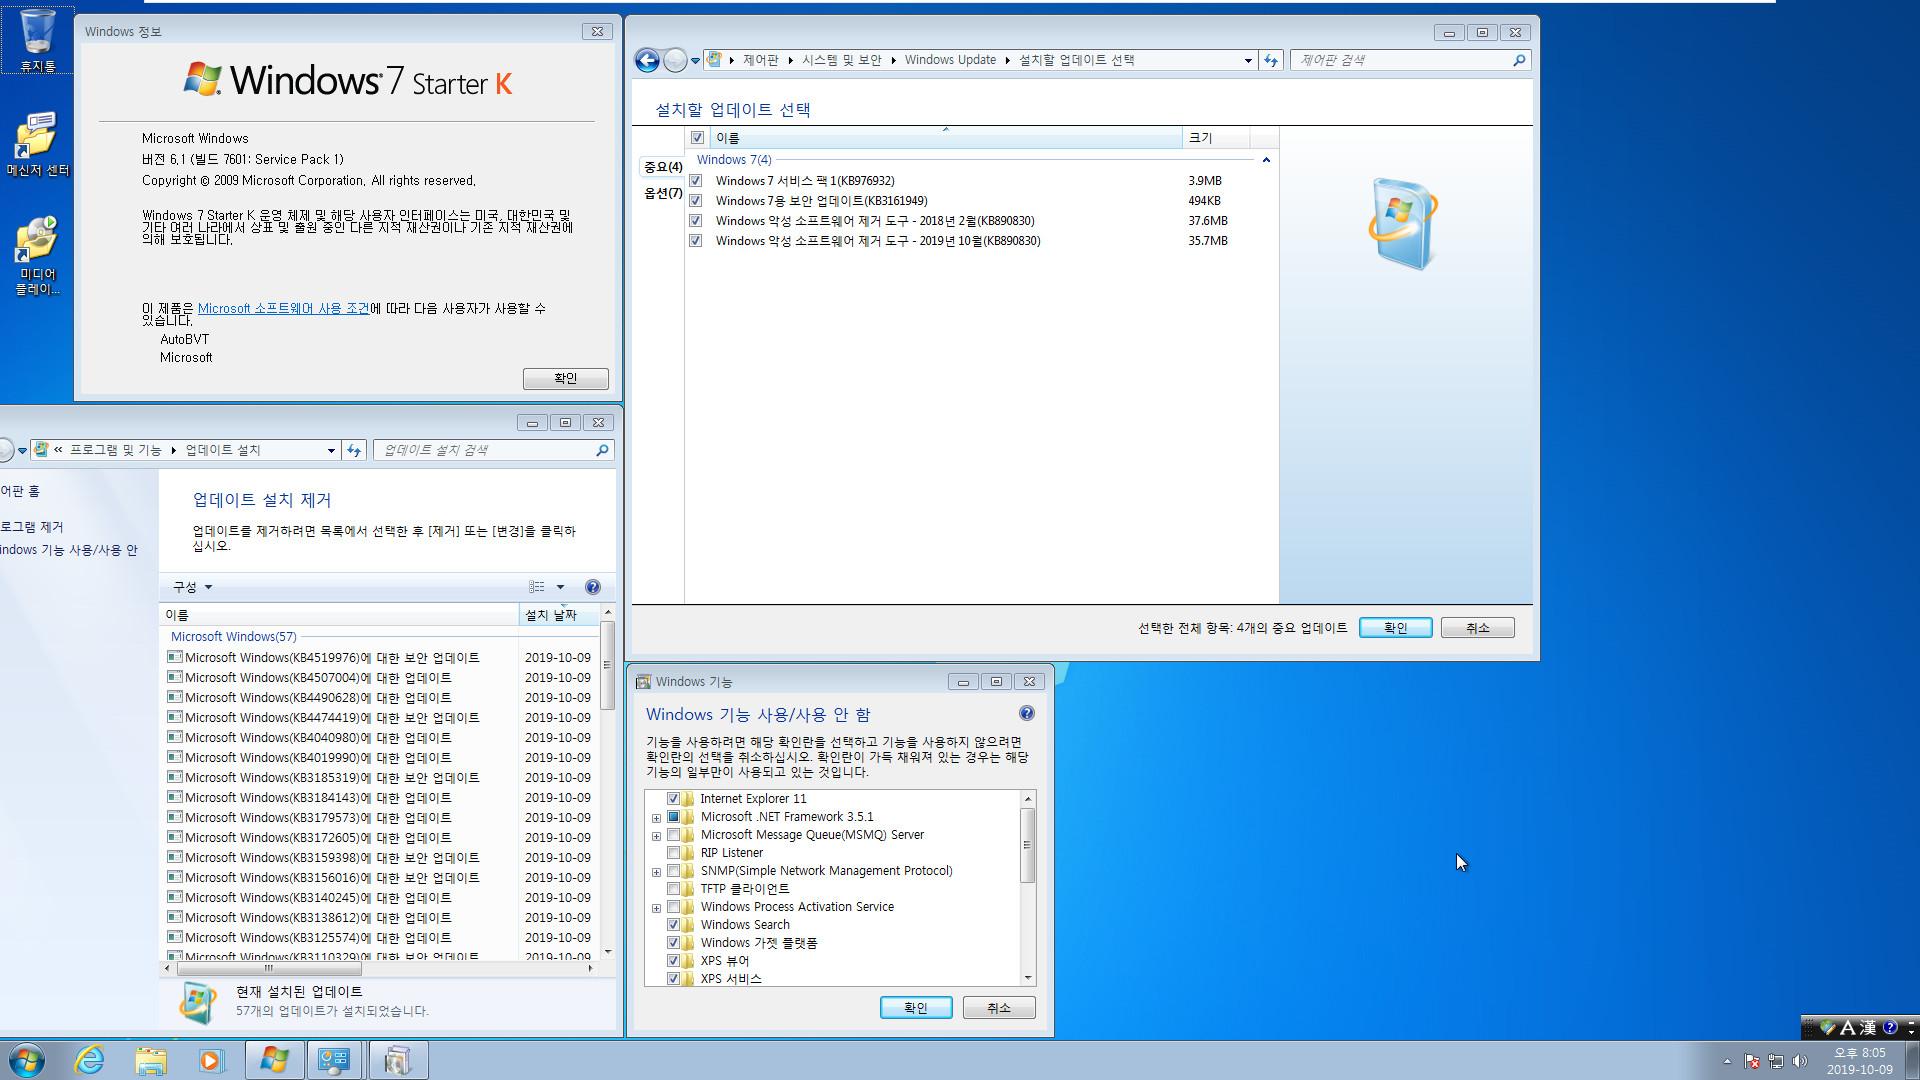 2019년 10월 9일 정기 업데이트 나왔네요 - Windows 7 롤업 업데이트 KB4519976 (OS 빌드 7601.24533) [2019-10-08 일자] IE11 통합중 입니다 - 32비트 확인 2019-10-09_200548.jpg